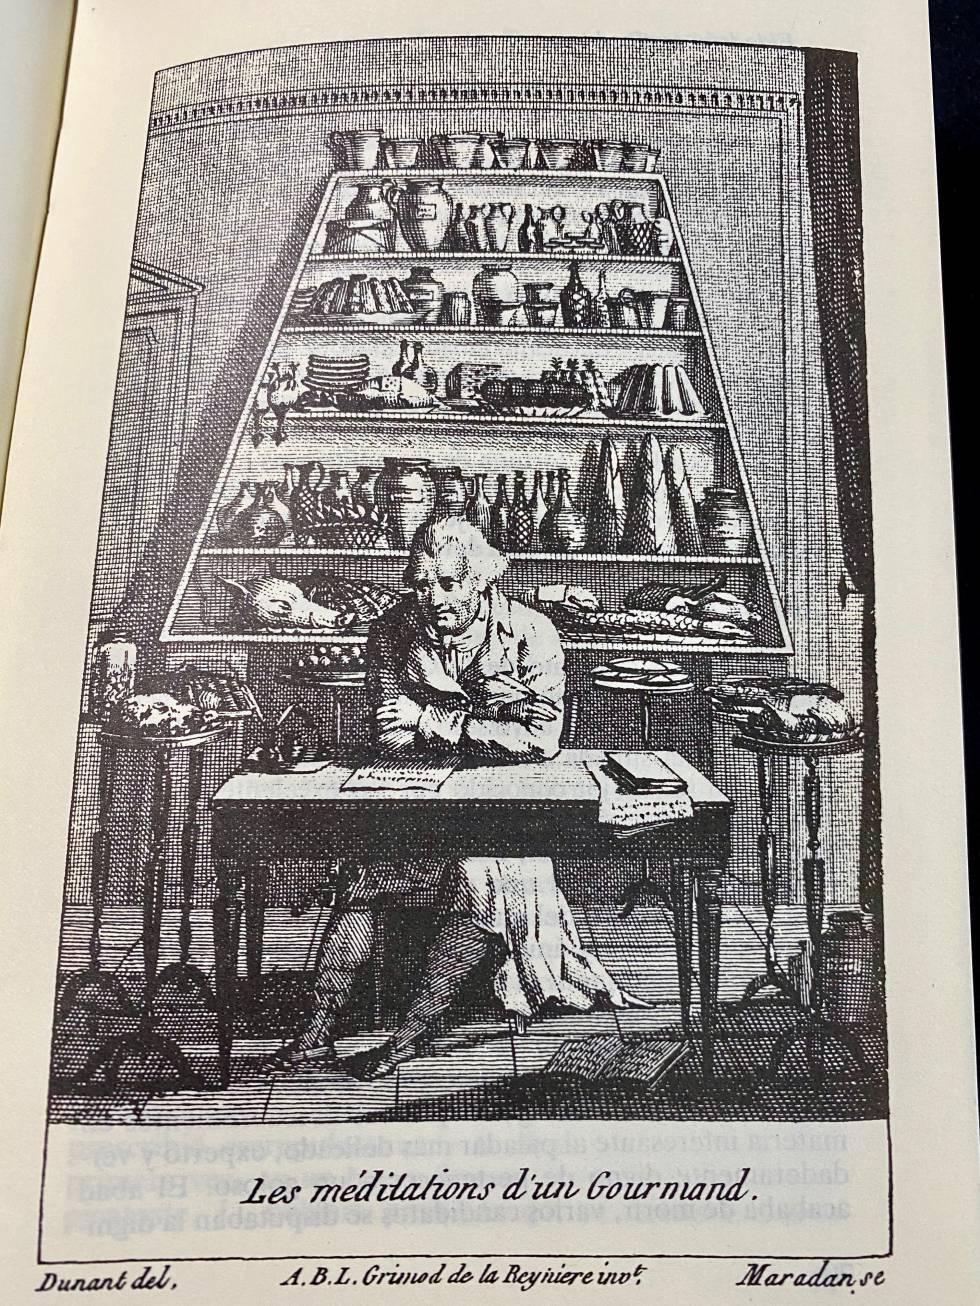 Grimod de la Reynière, el primer periodista gastronómico de la historia